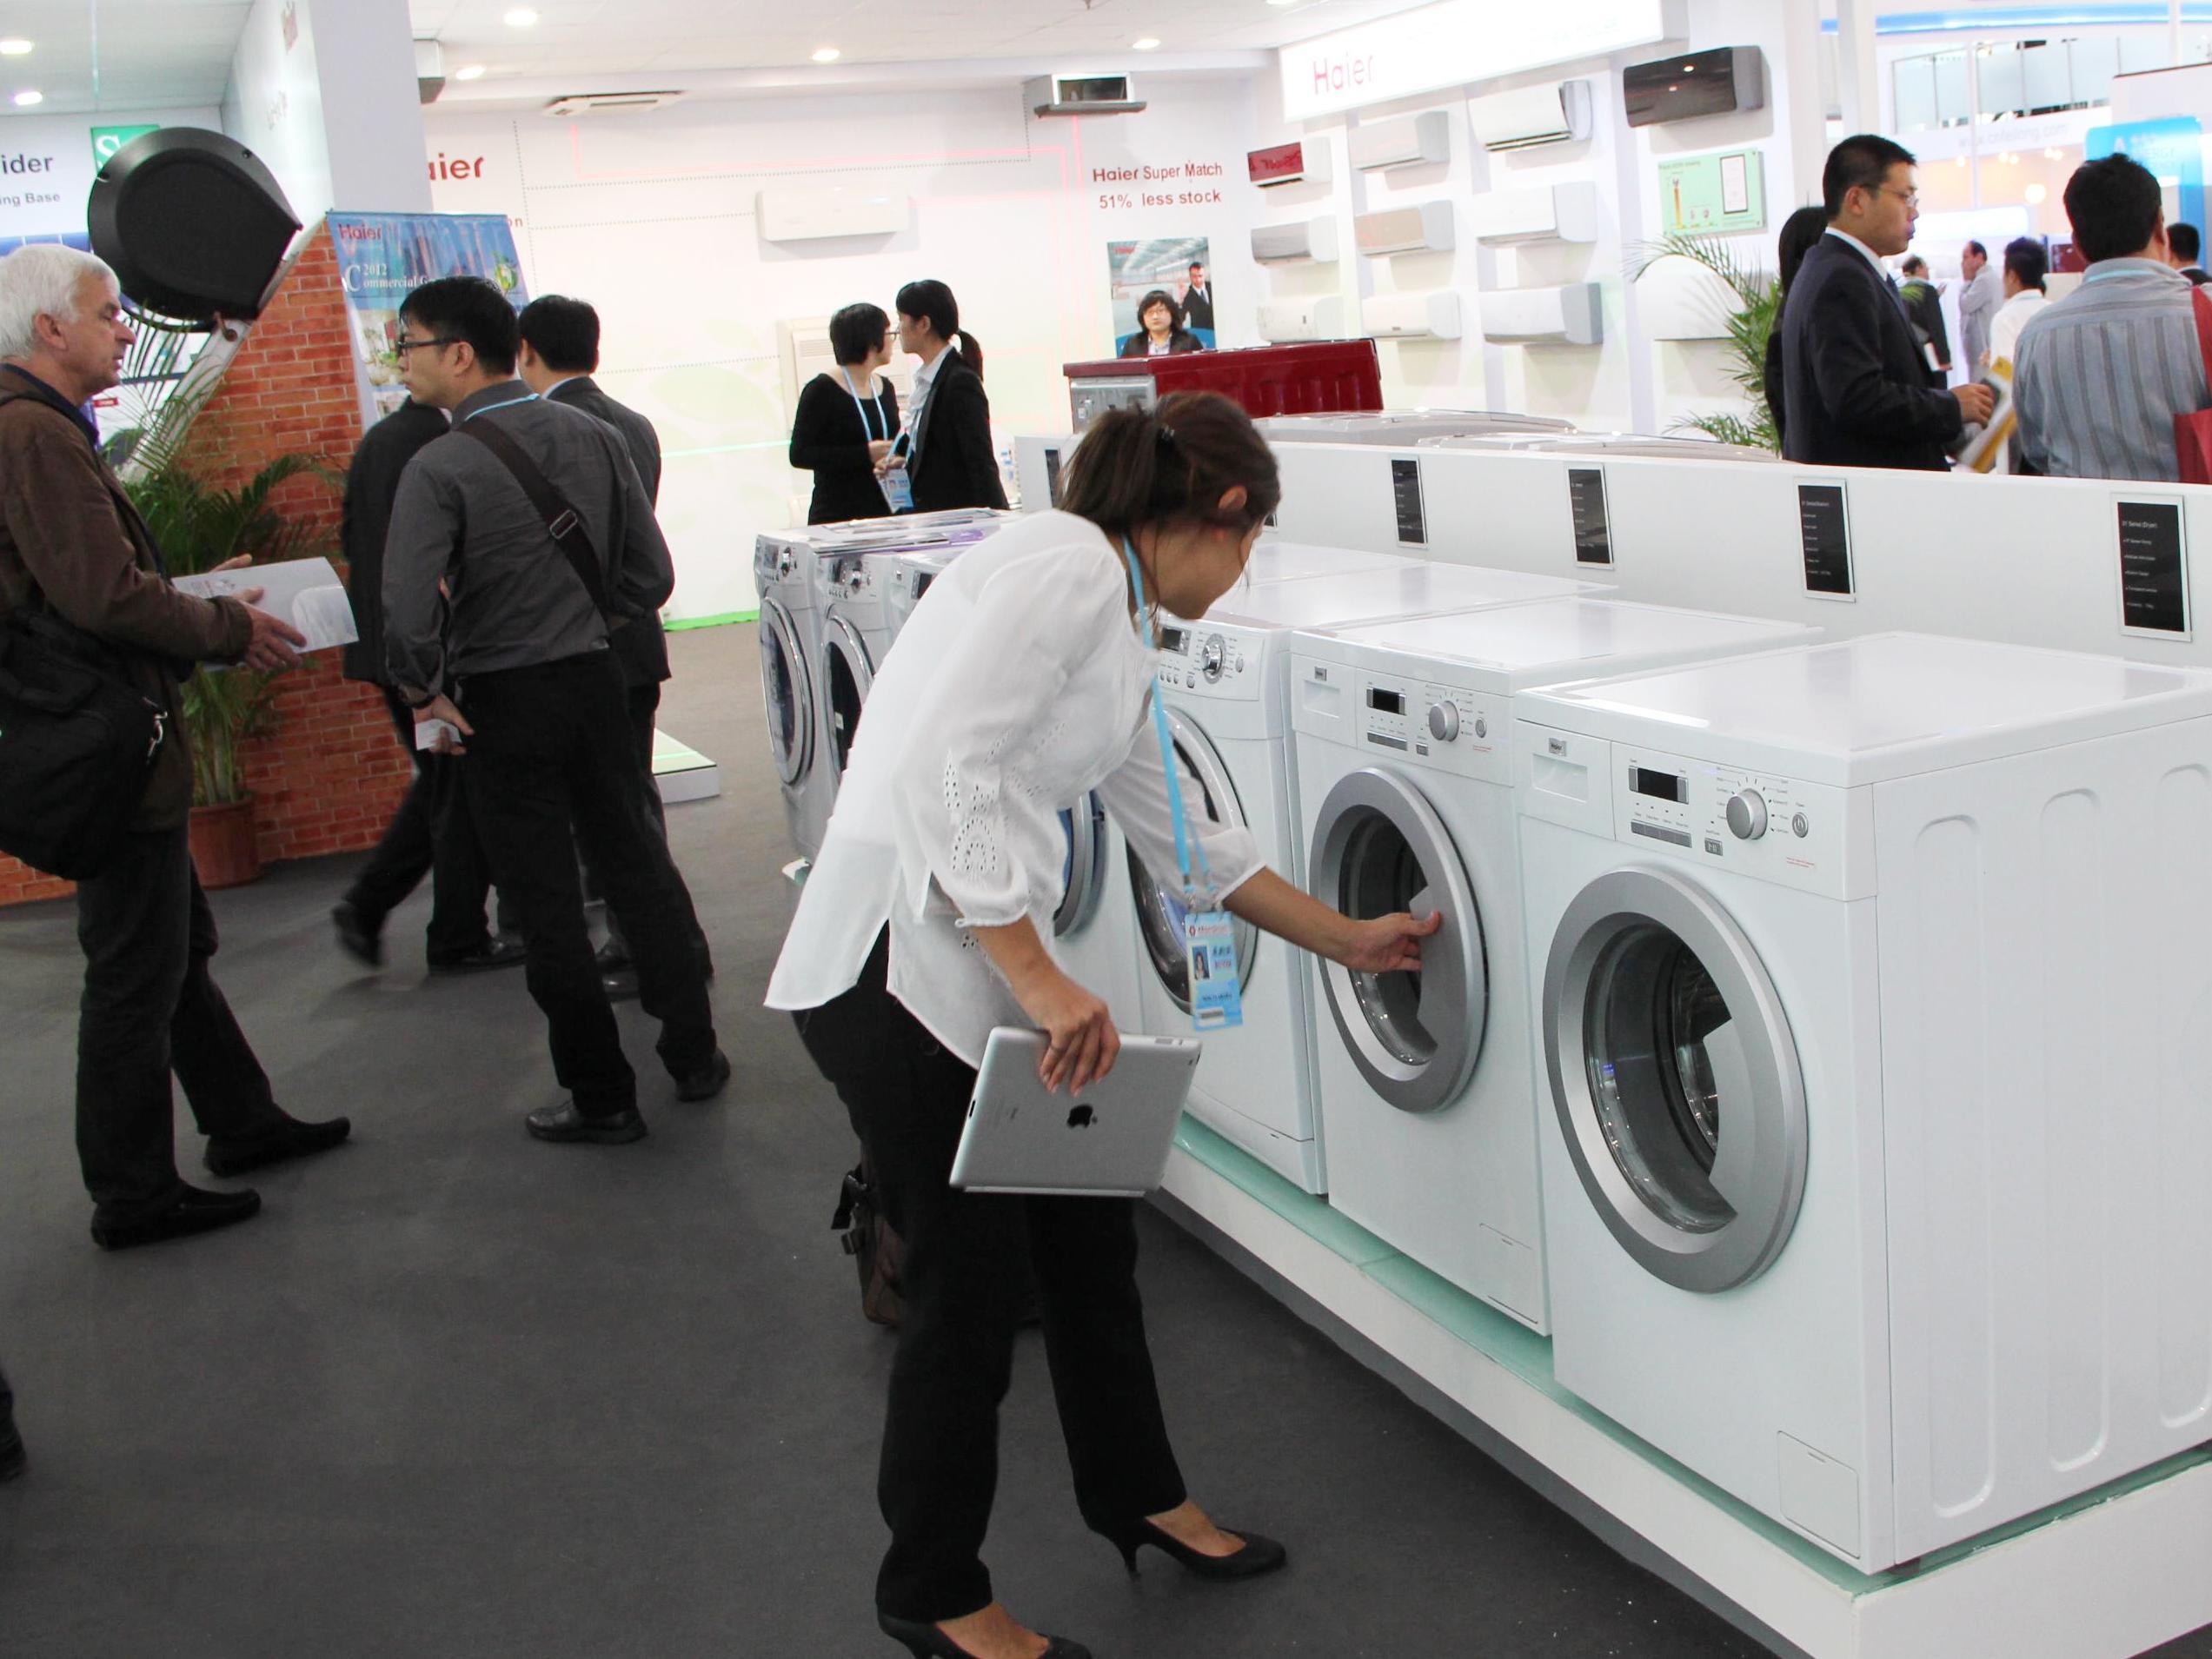 宋清辉:家电业运行情况优于中国工业整体情况